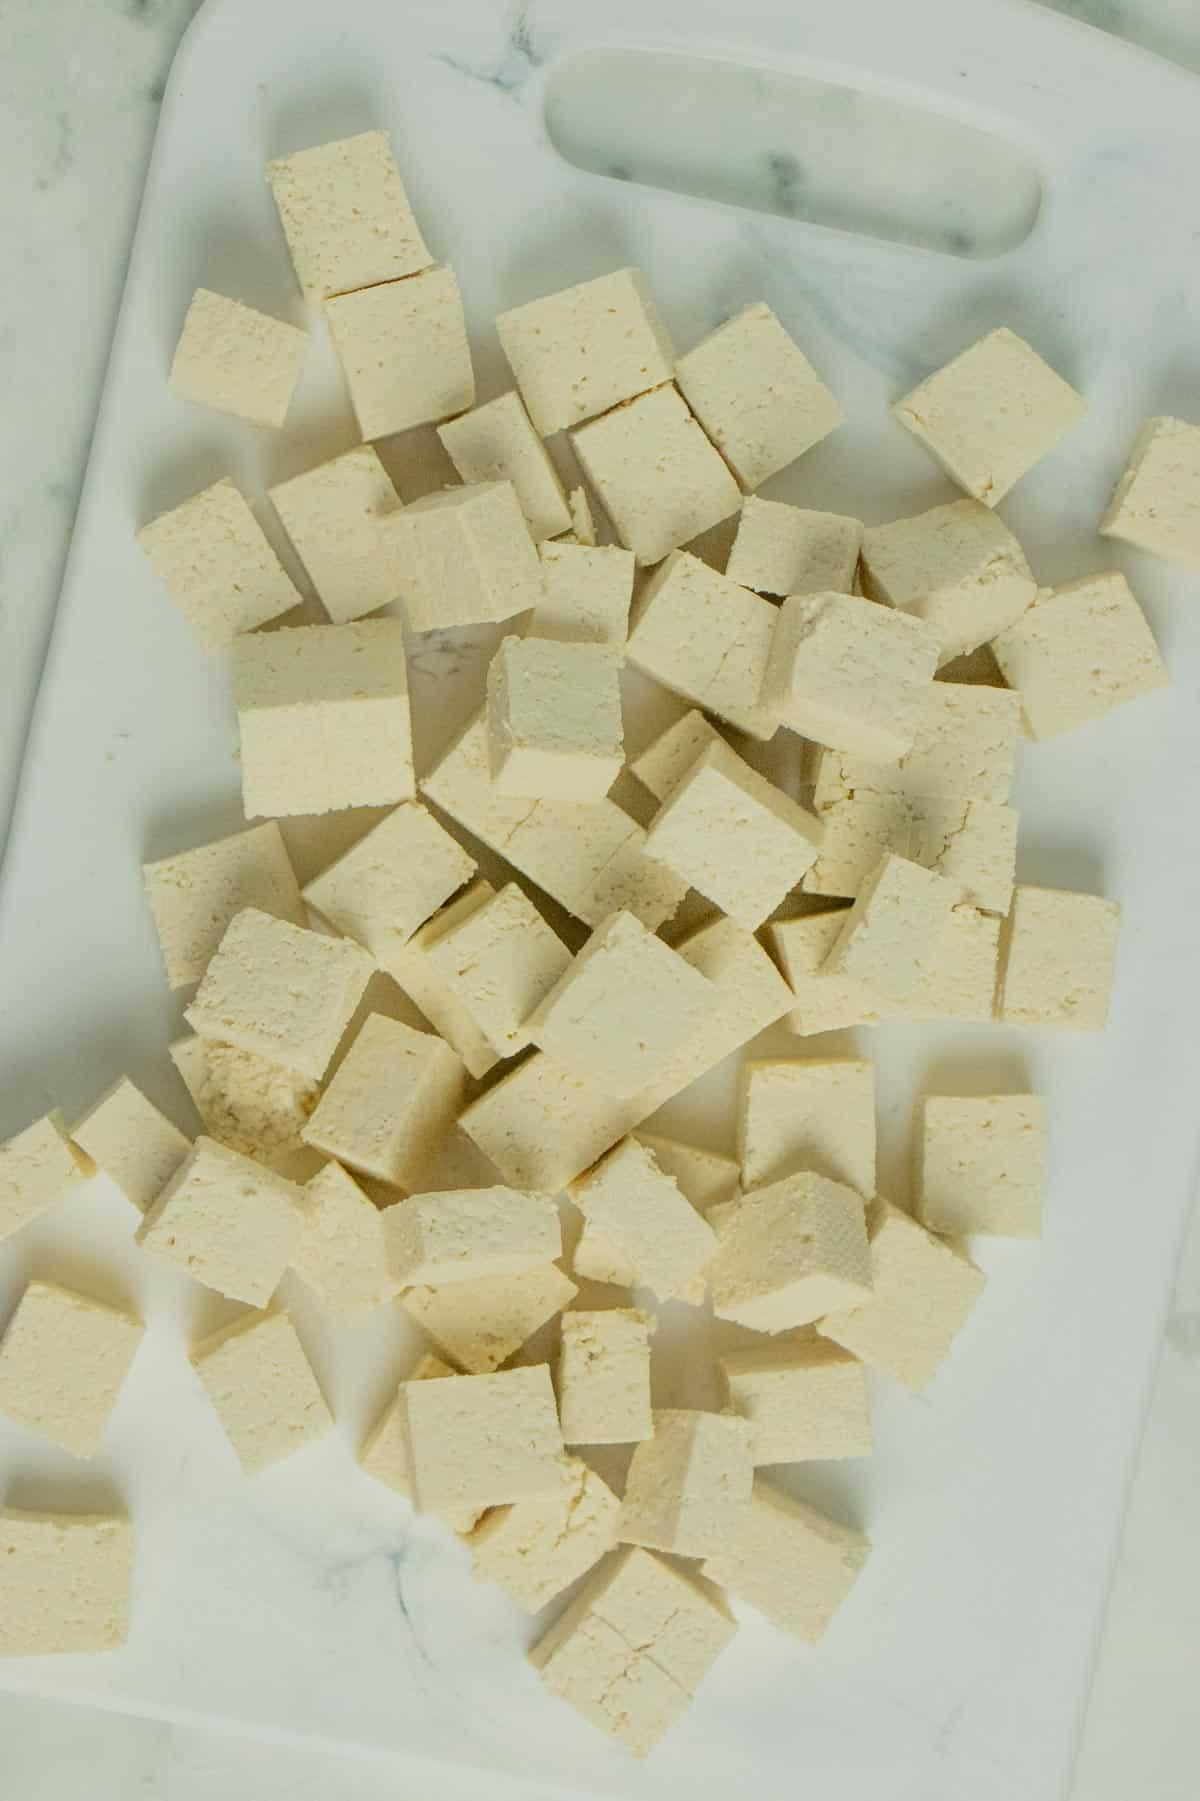 diced tofu on a cutting board